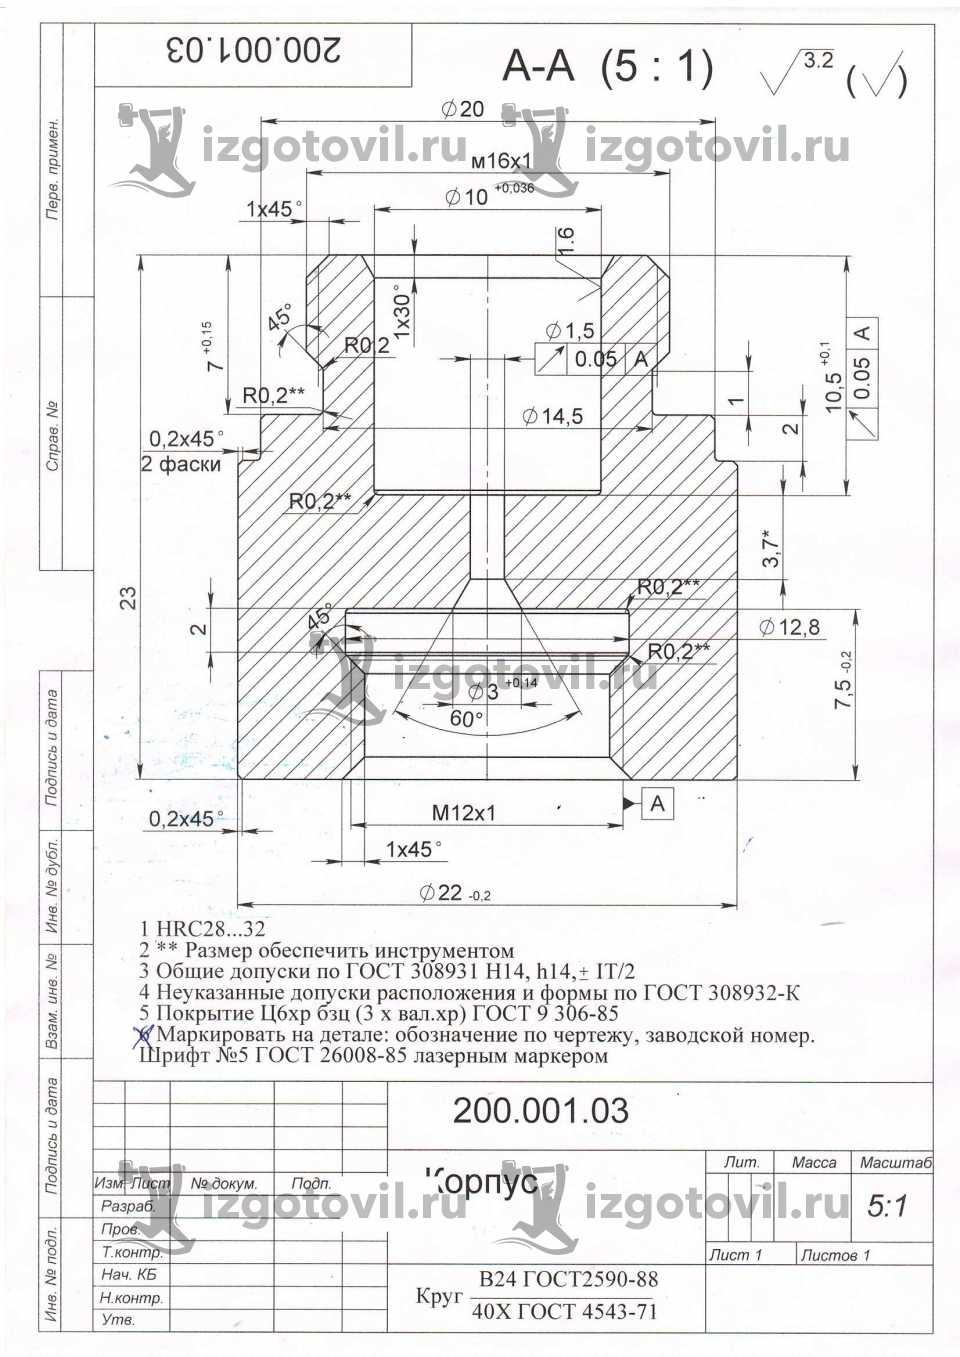 Токарная обработка металла-изготовление деталей